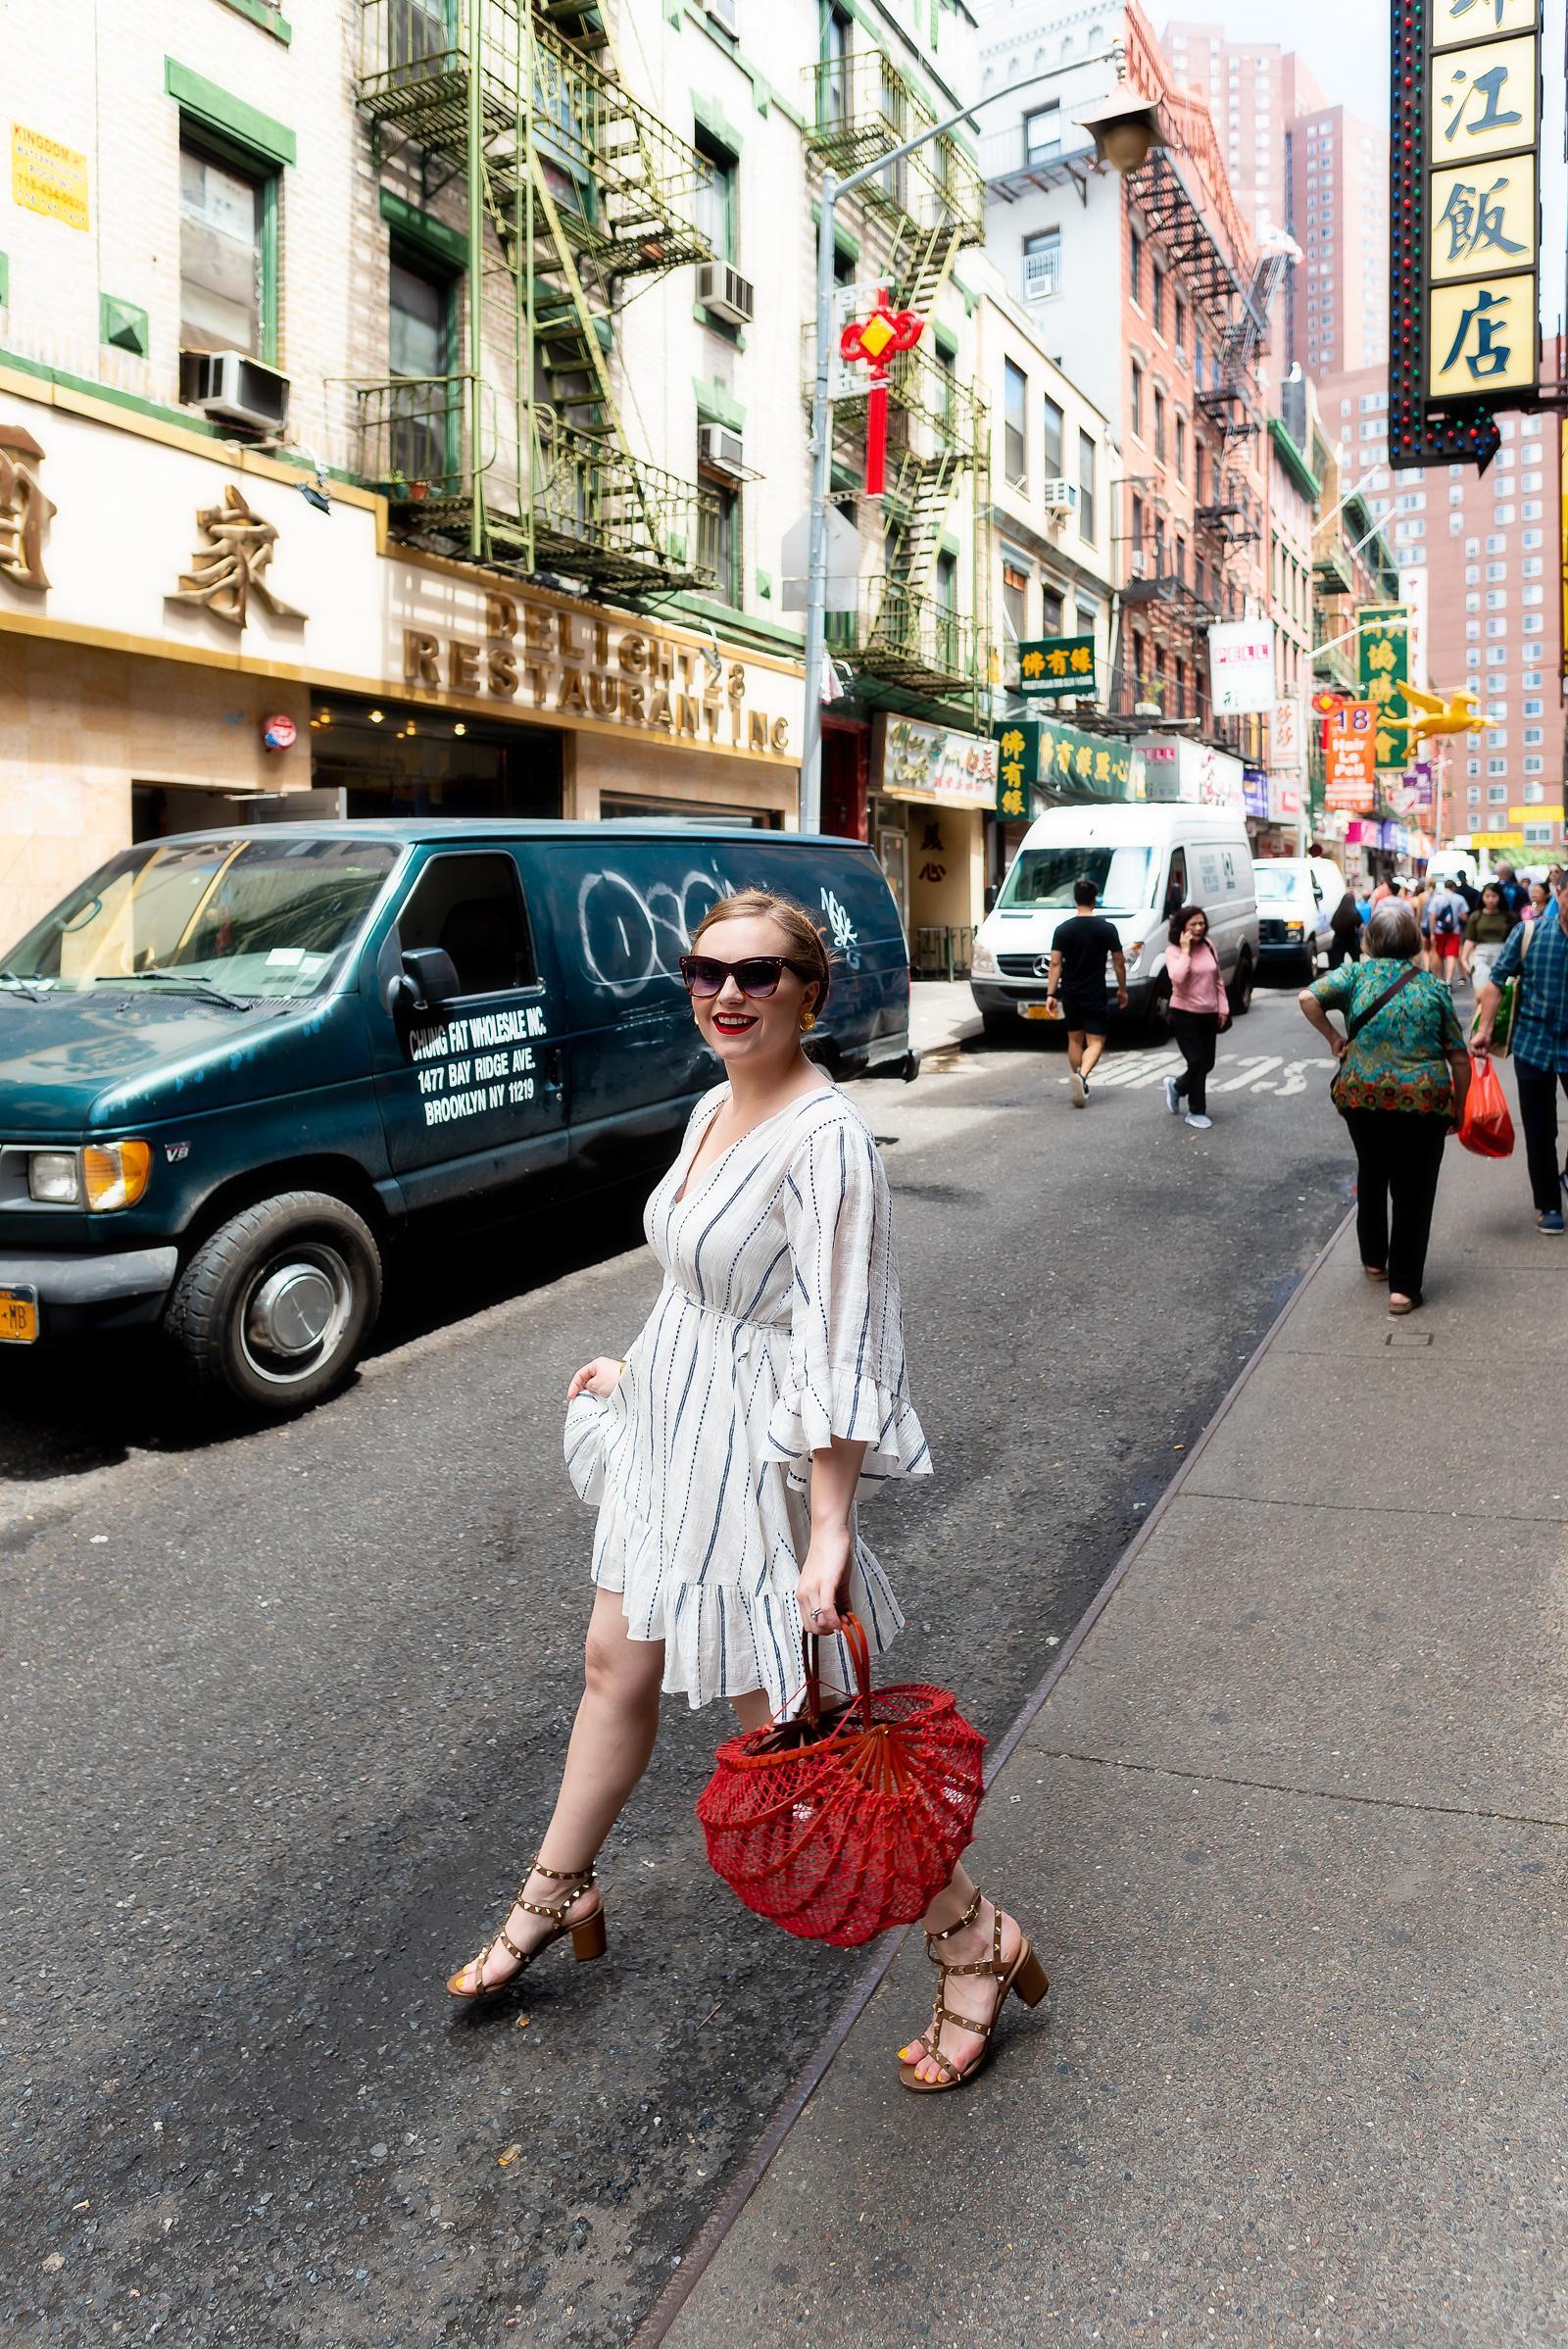 NYC Chinatown 2018